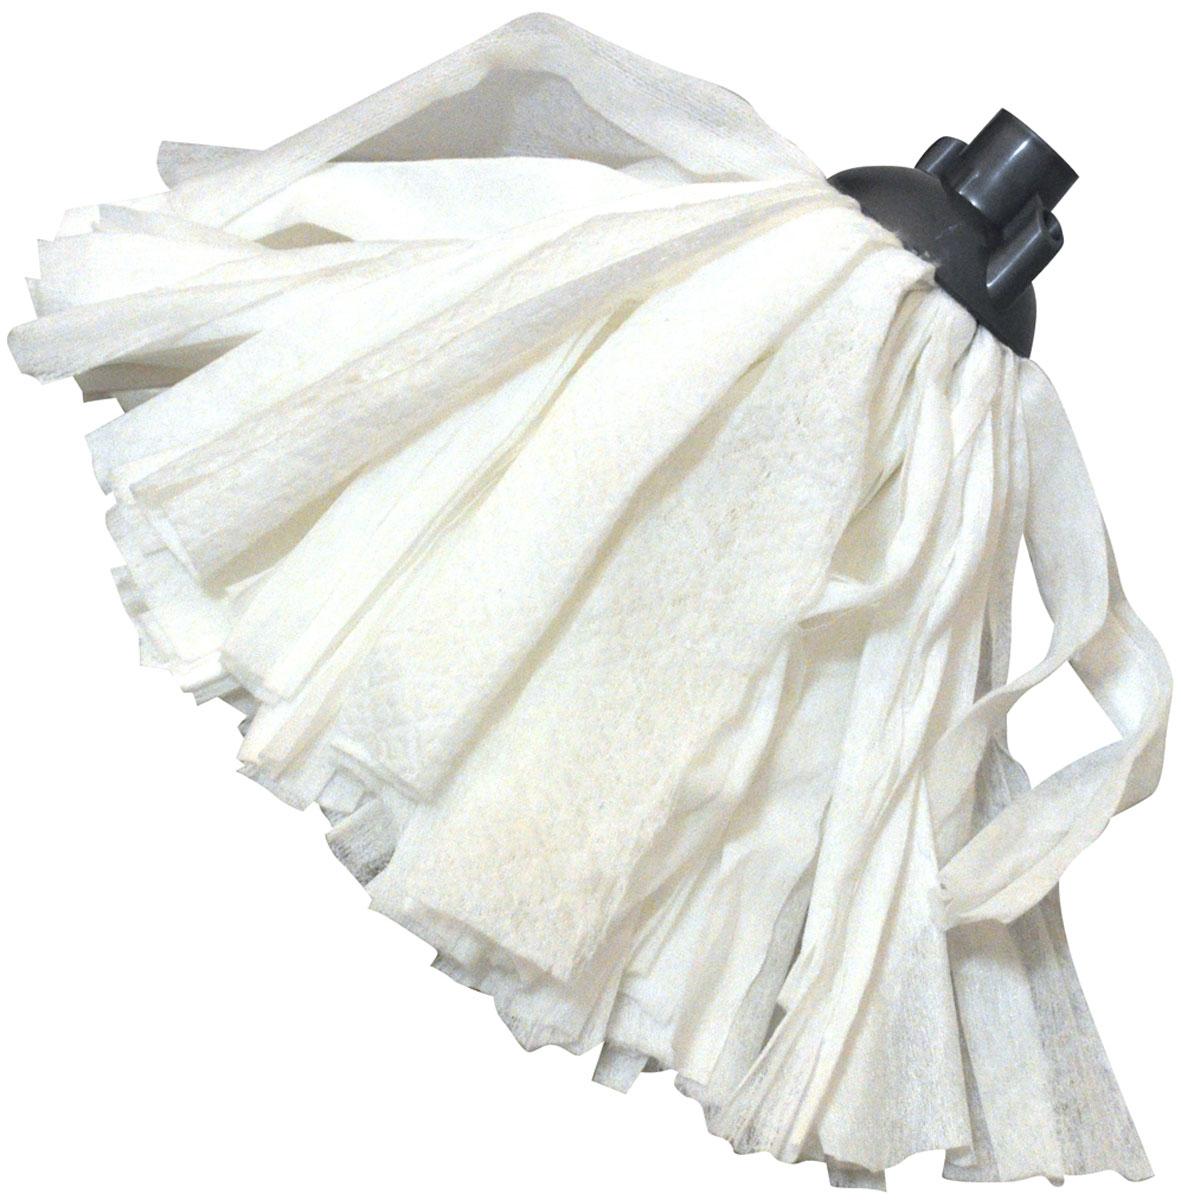 Насадка для швабры HomeQueen, цвет: белый. 5711057110Насадка для швабры HomeQueen выполнена из полиэстера, вискозы и полипропилена. Убирает без ворсинок, царапин и разводов. Изделие обладает сверхвпитываемостью, сохраняет свою структуру и форму даже после многократного использования. Такая насадка сделает уборку эффективнее и приятнее.